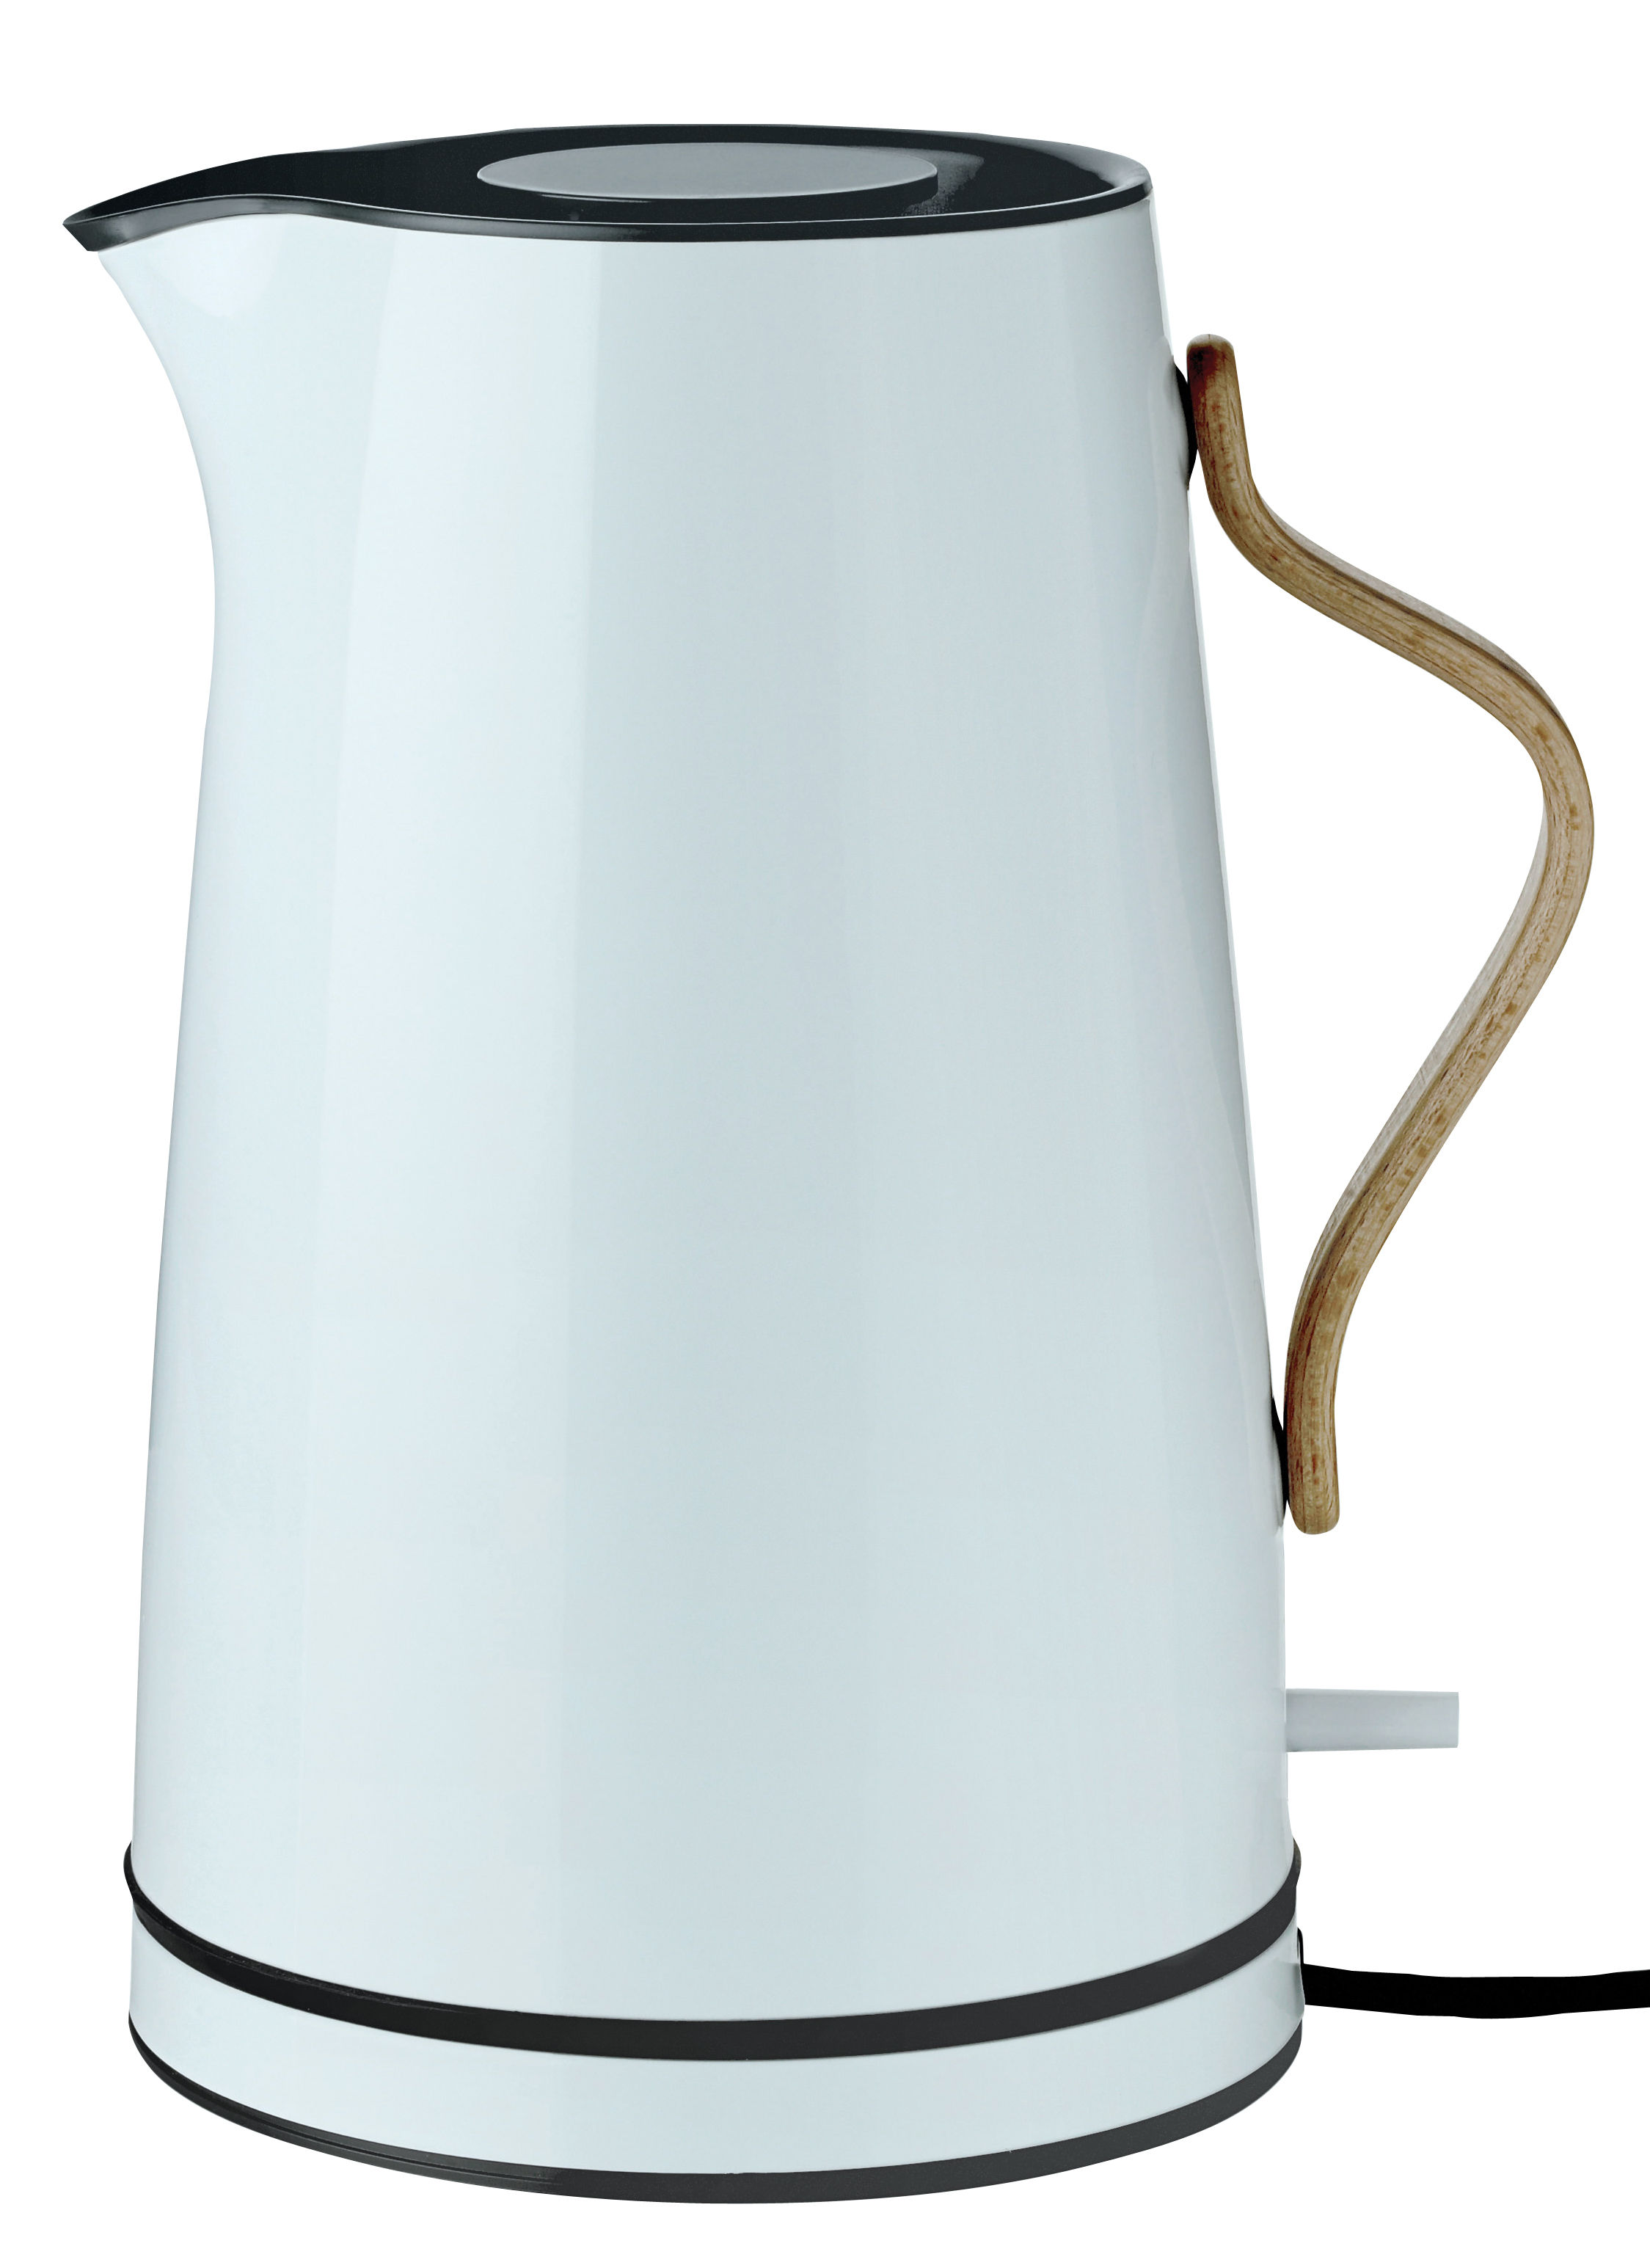 Cucina - Teiere e Bollitori - Bollitore elettrico Emma / 1,2 L - Stelton - Grigio chiaro & legno - Acciaio inossidabile laccato, Faggio